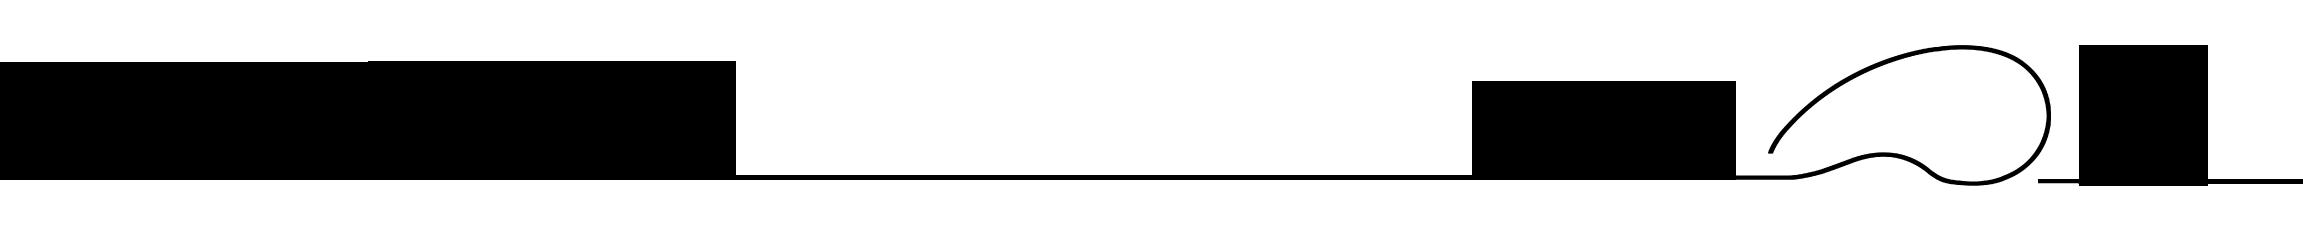 Napshell